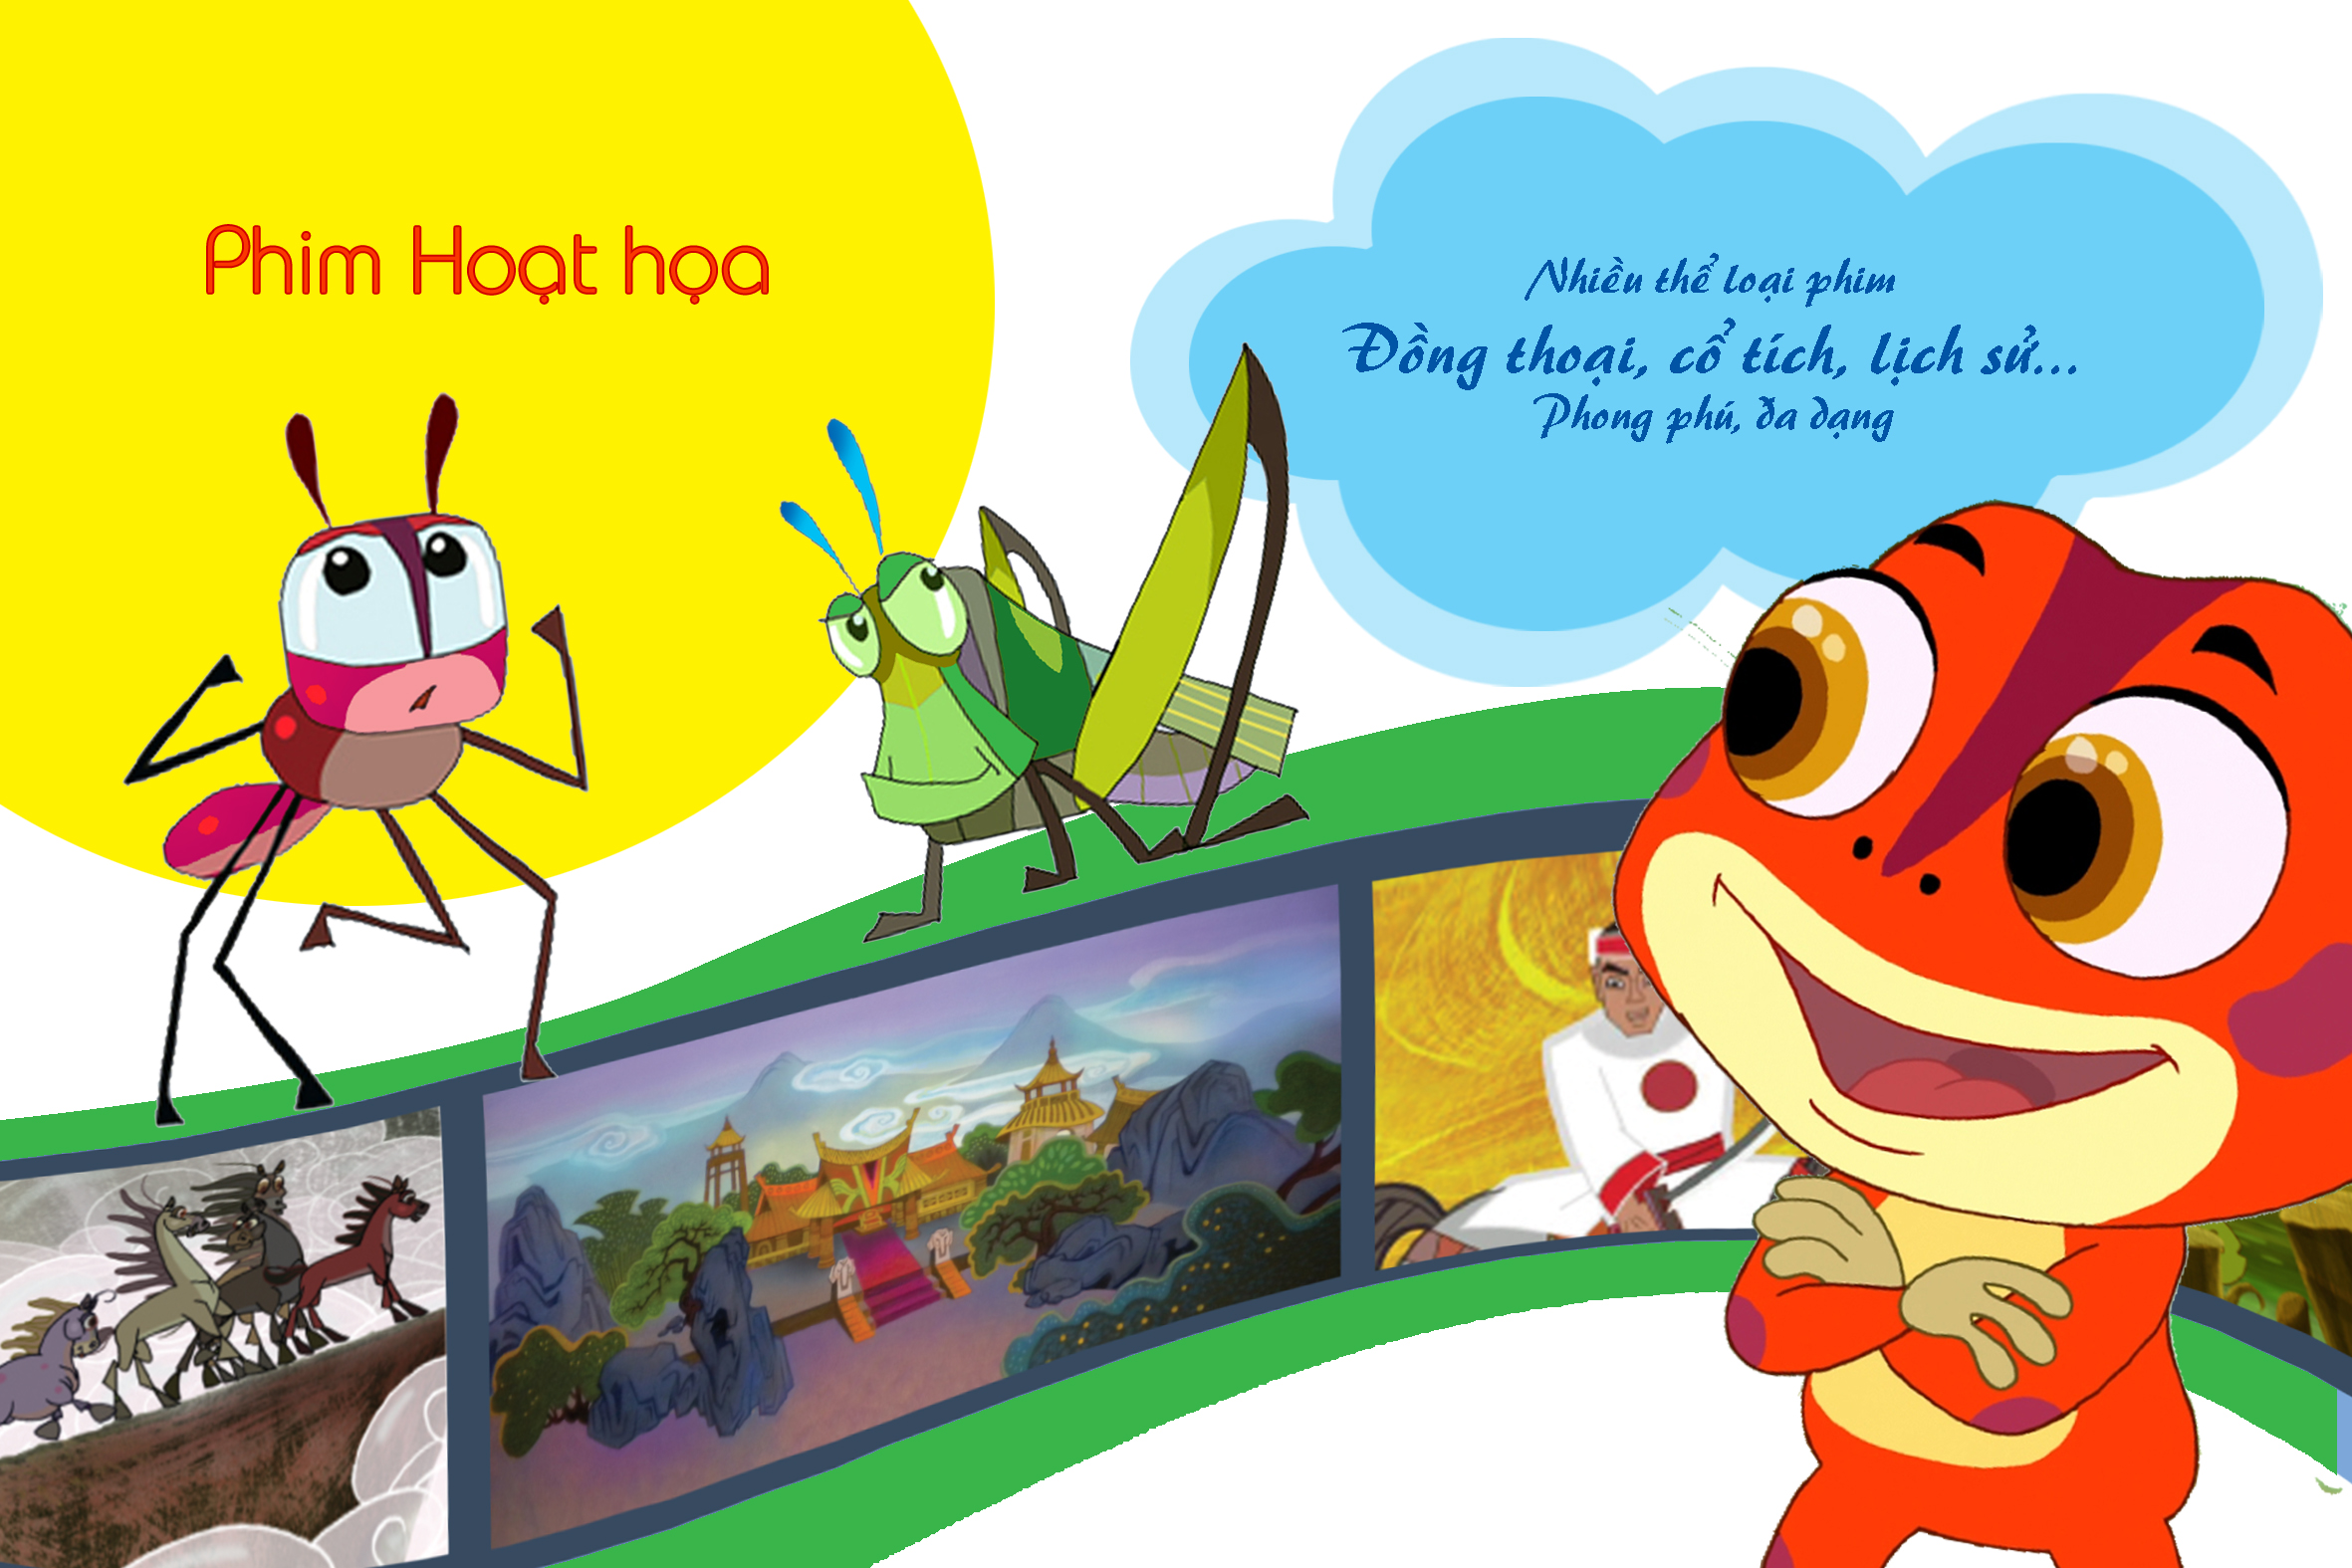 Xem miễn phí 50 phim hoạt hình Việt Nam mới nhất trên VTVGo - Báo Người lao  động